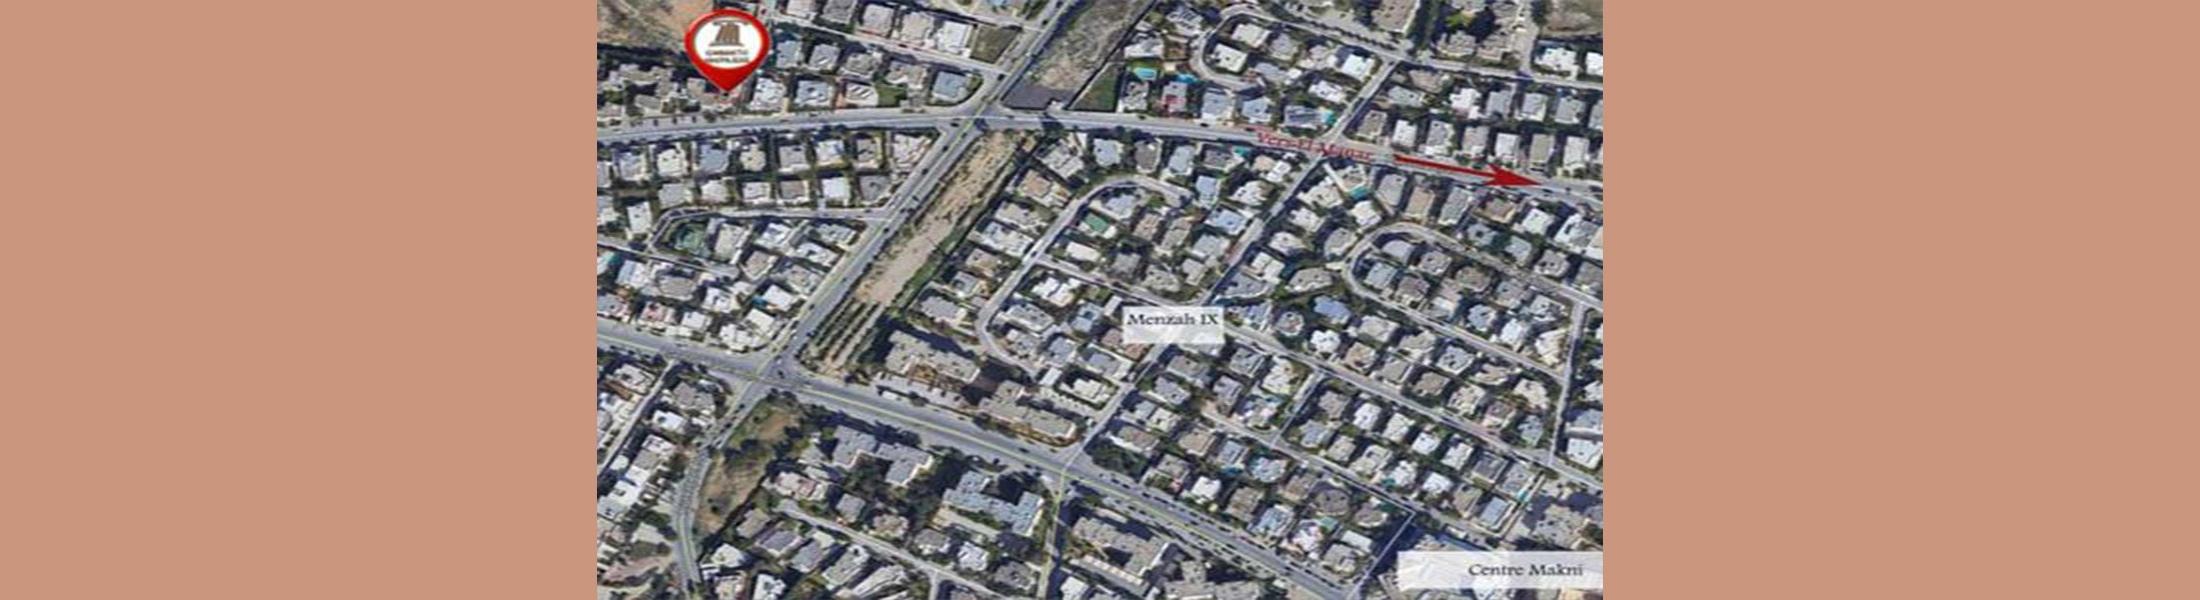 الشقة ياسمين 250 - تونس (طلب العروض عدد 06 لسنة 2021)